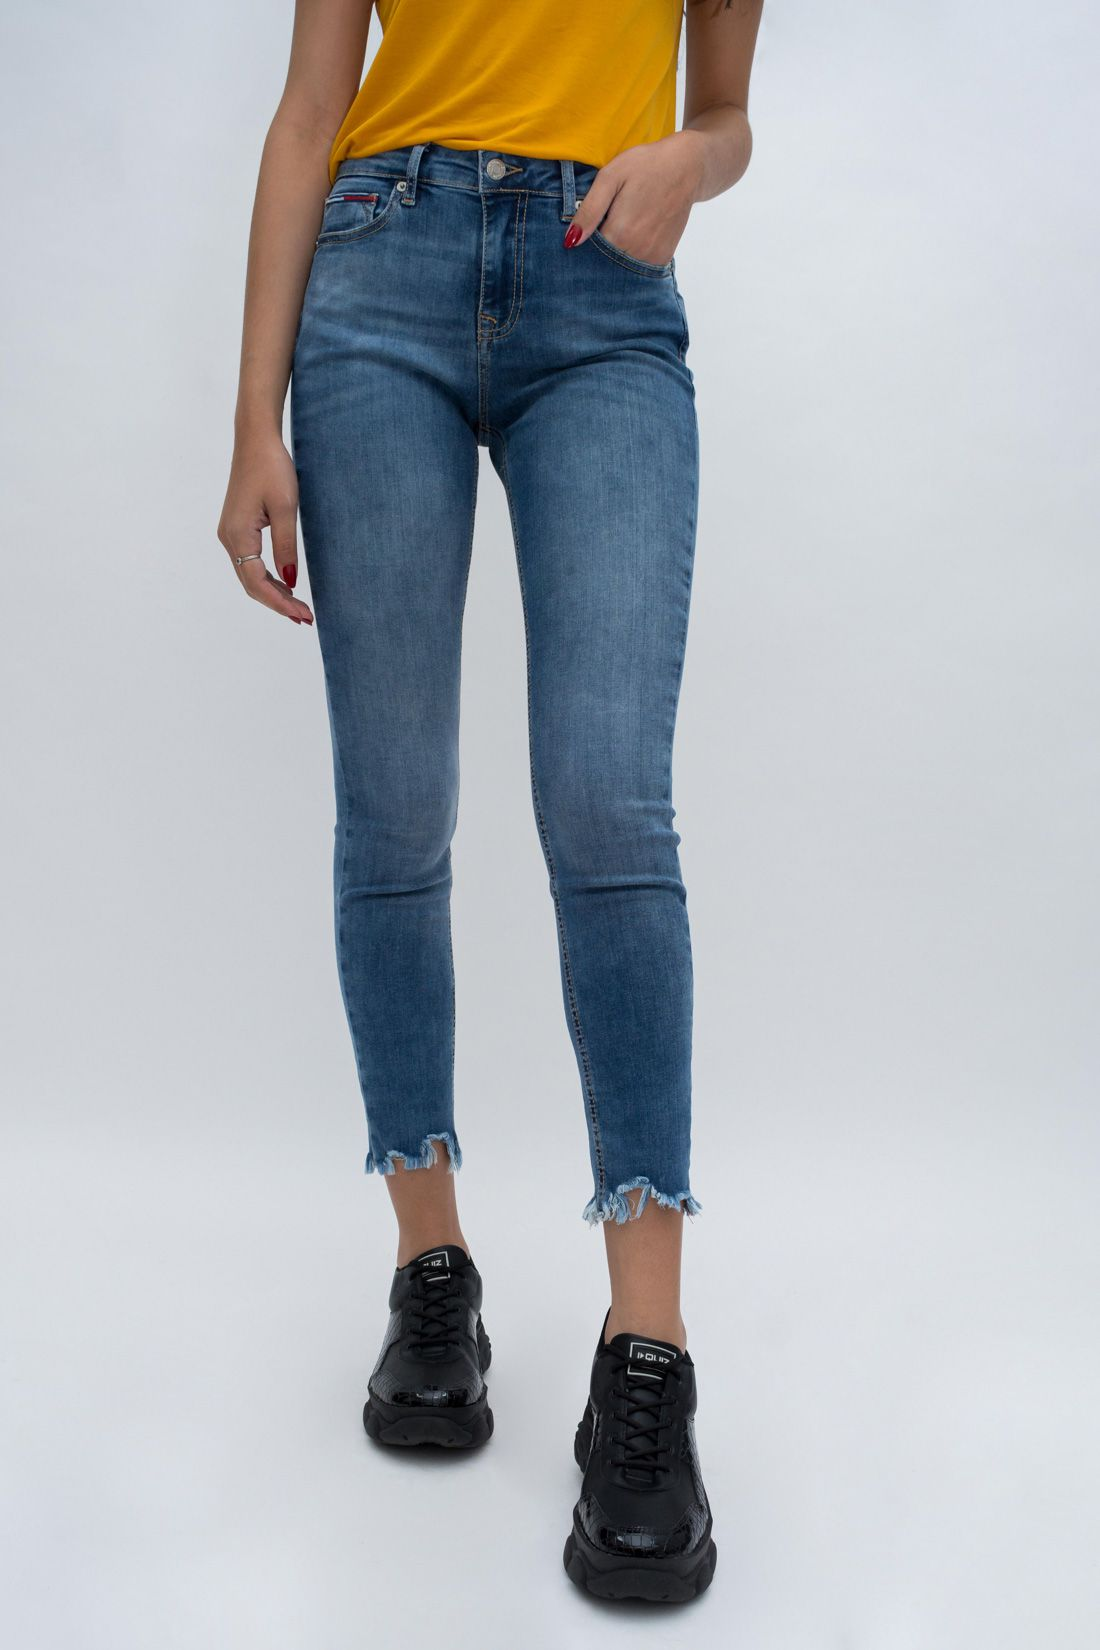 Calca Jeans Tommy Hilfiger Barra Desfiada